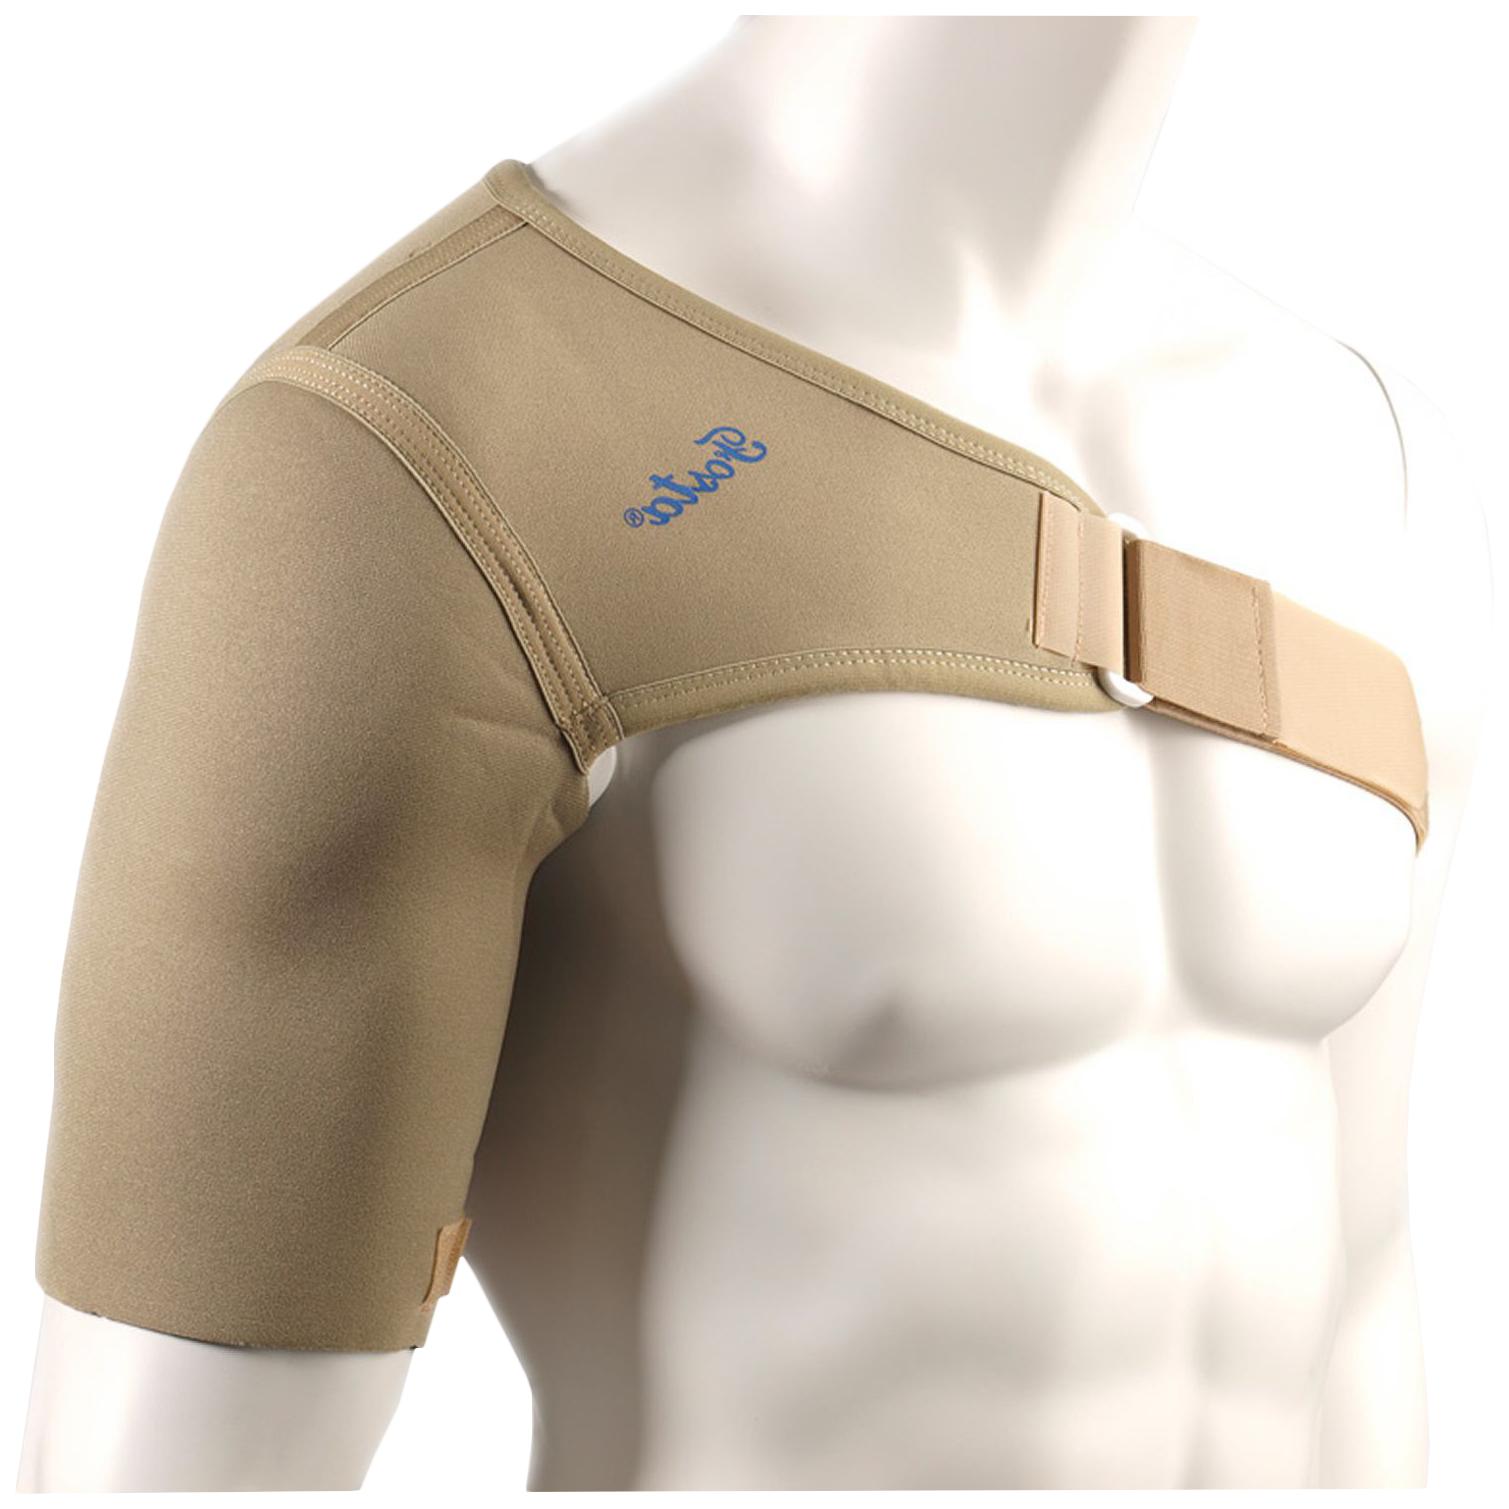 Купить F3601, плечевой, Фиксатор плечевого пояса, левый, M Fosta F3601